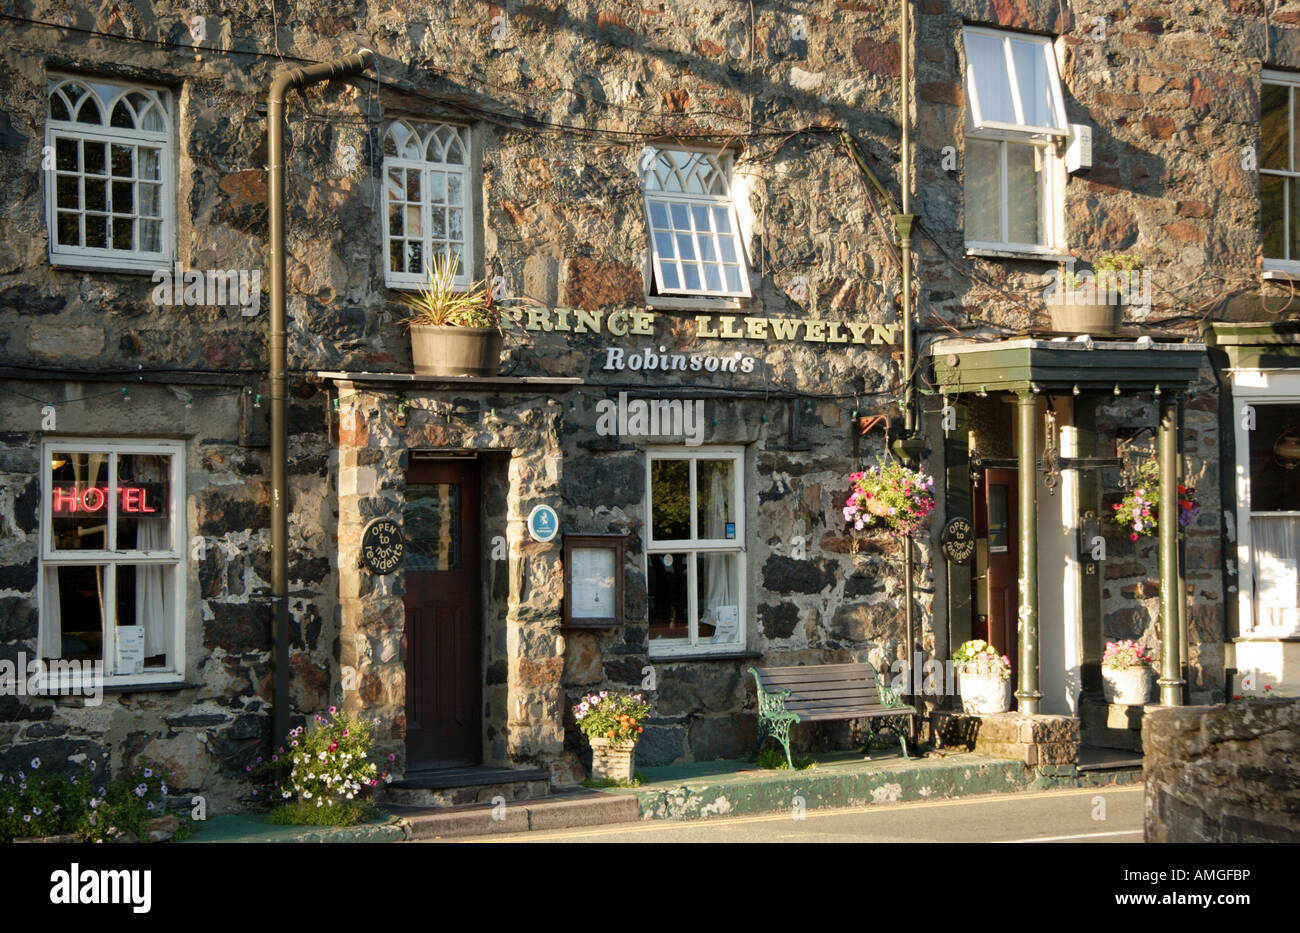 Prince Llewelyn Hotel, Beddgelert, Snowdonia, Gwynedd, North Wales, UK - Stock Image